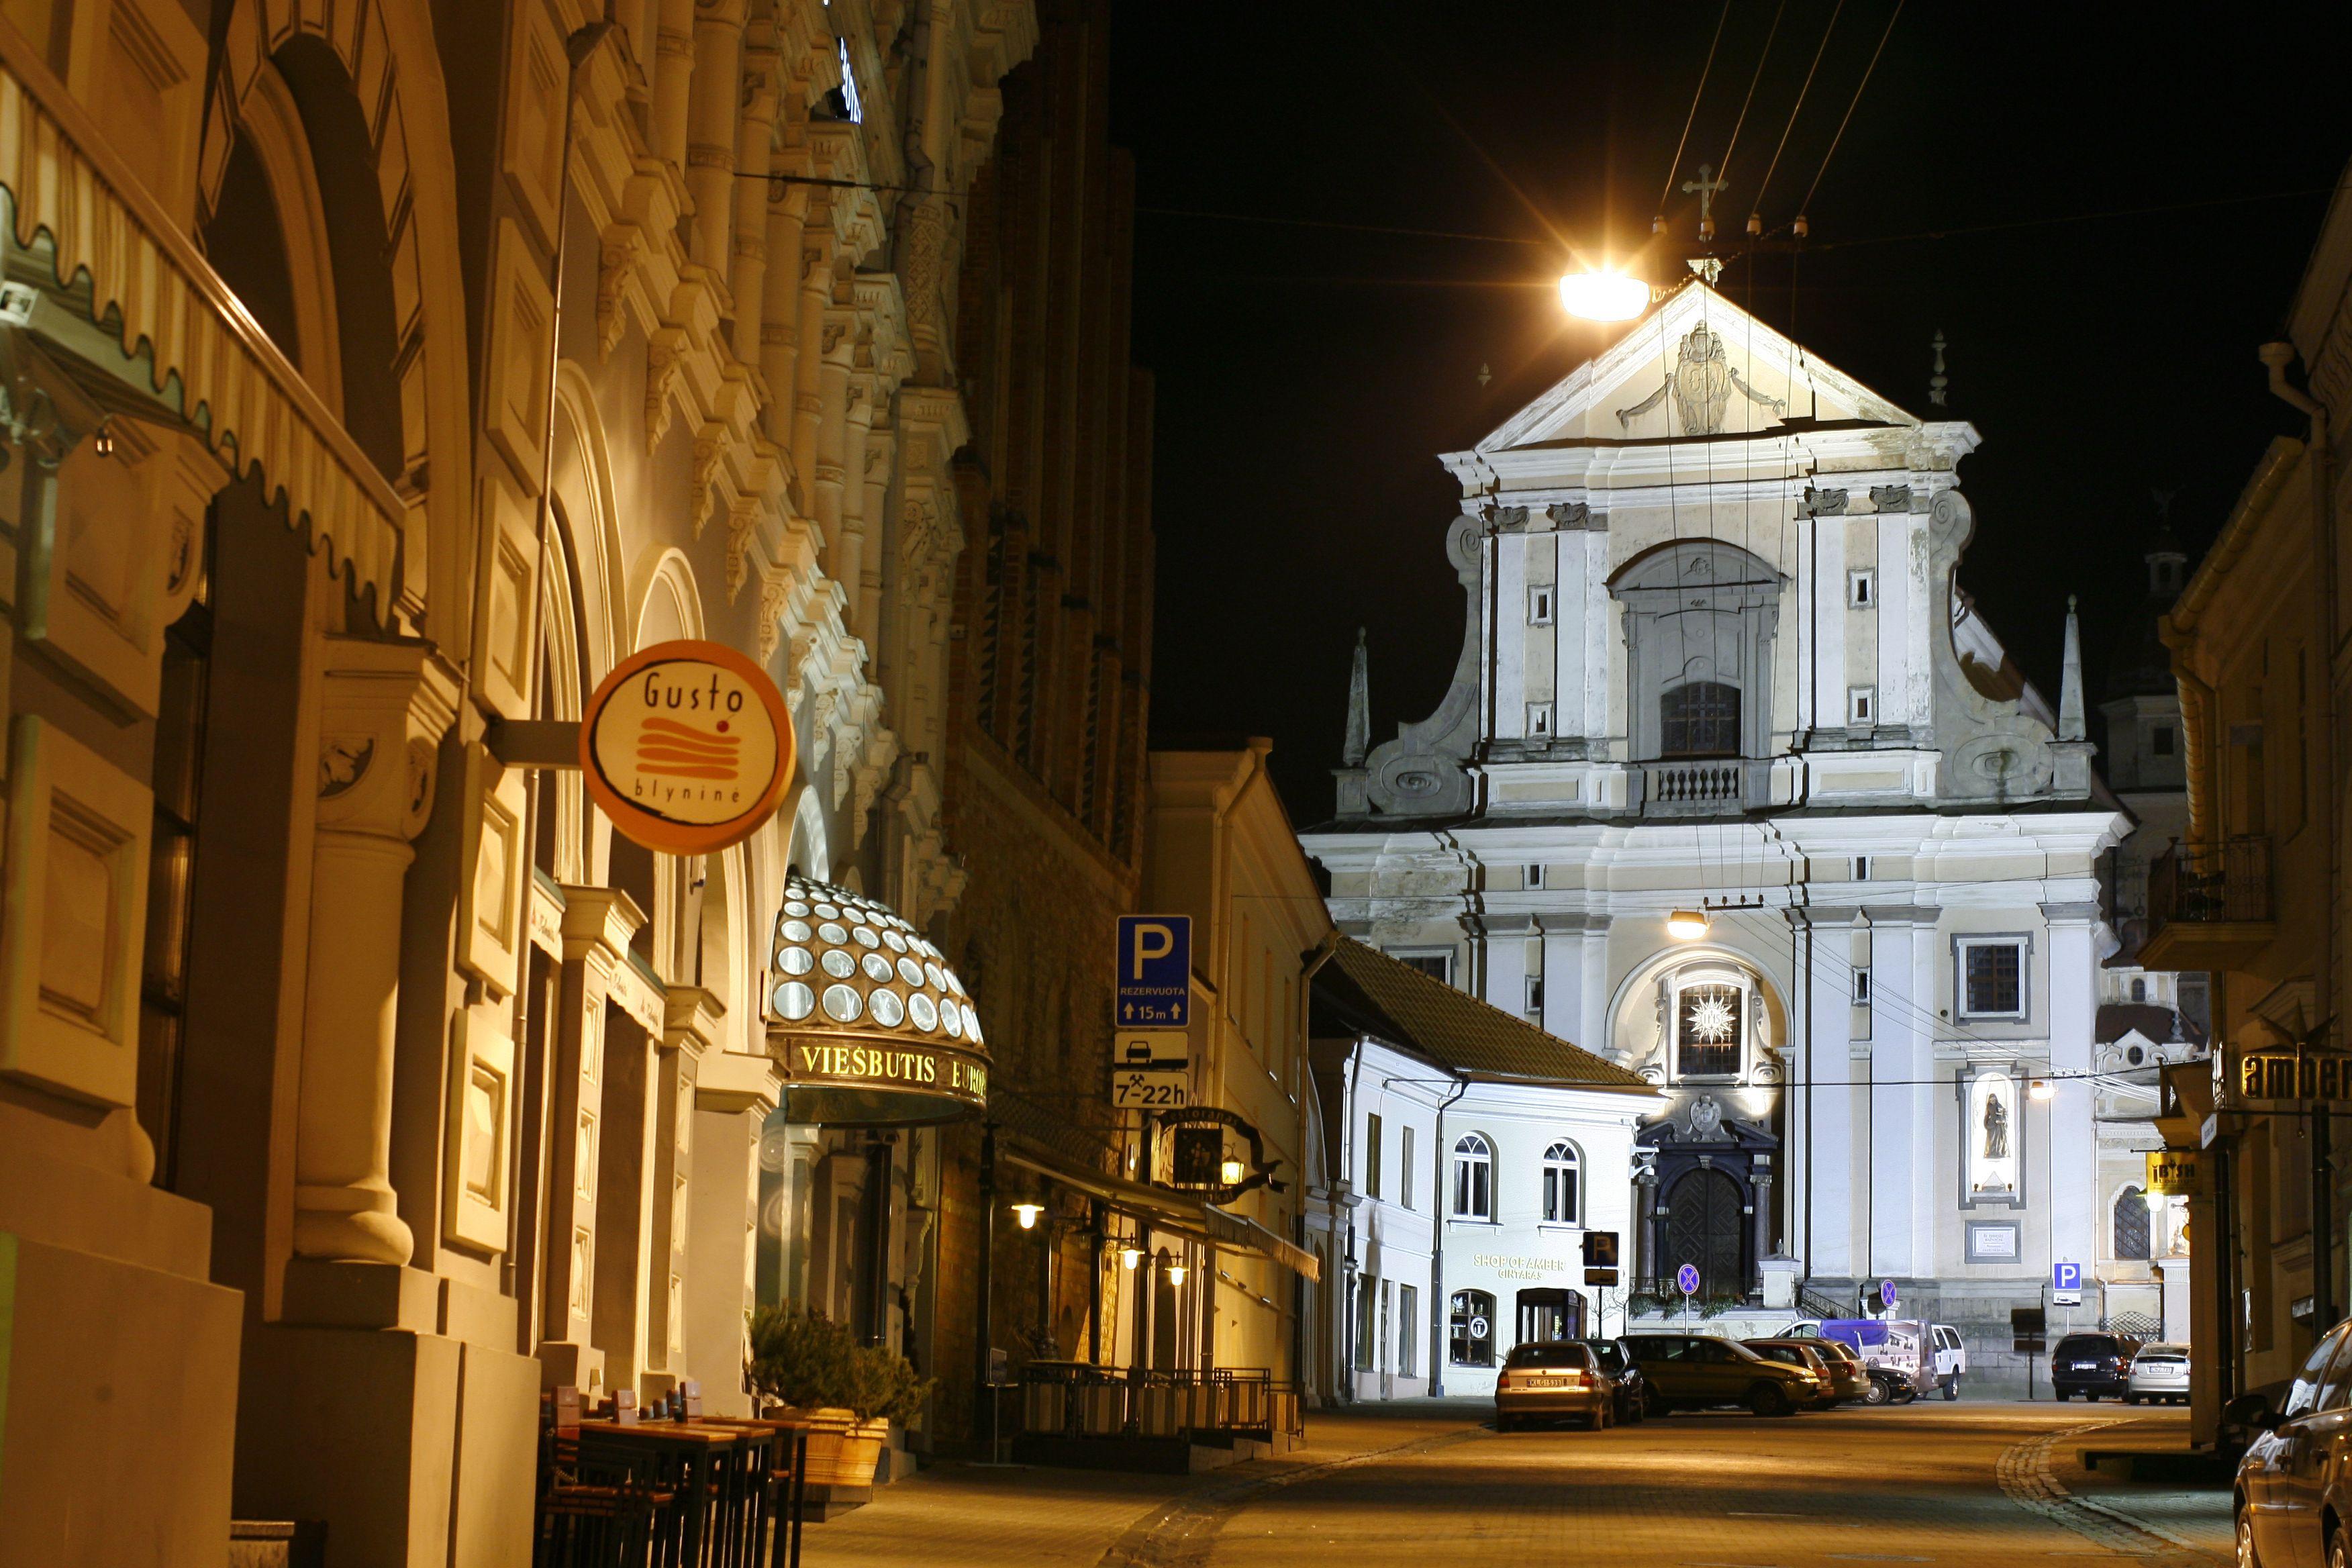 Pin by Vilnius City Tour on Vilnius   City, Tours, Big ben